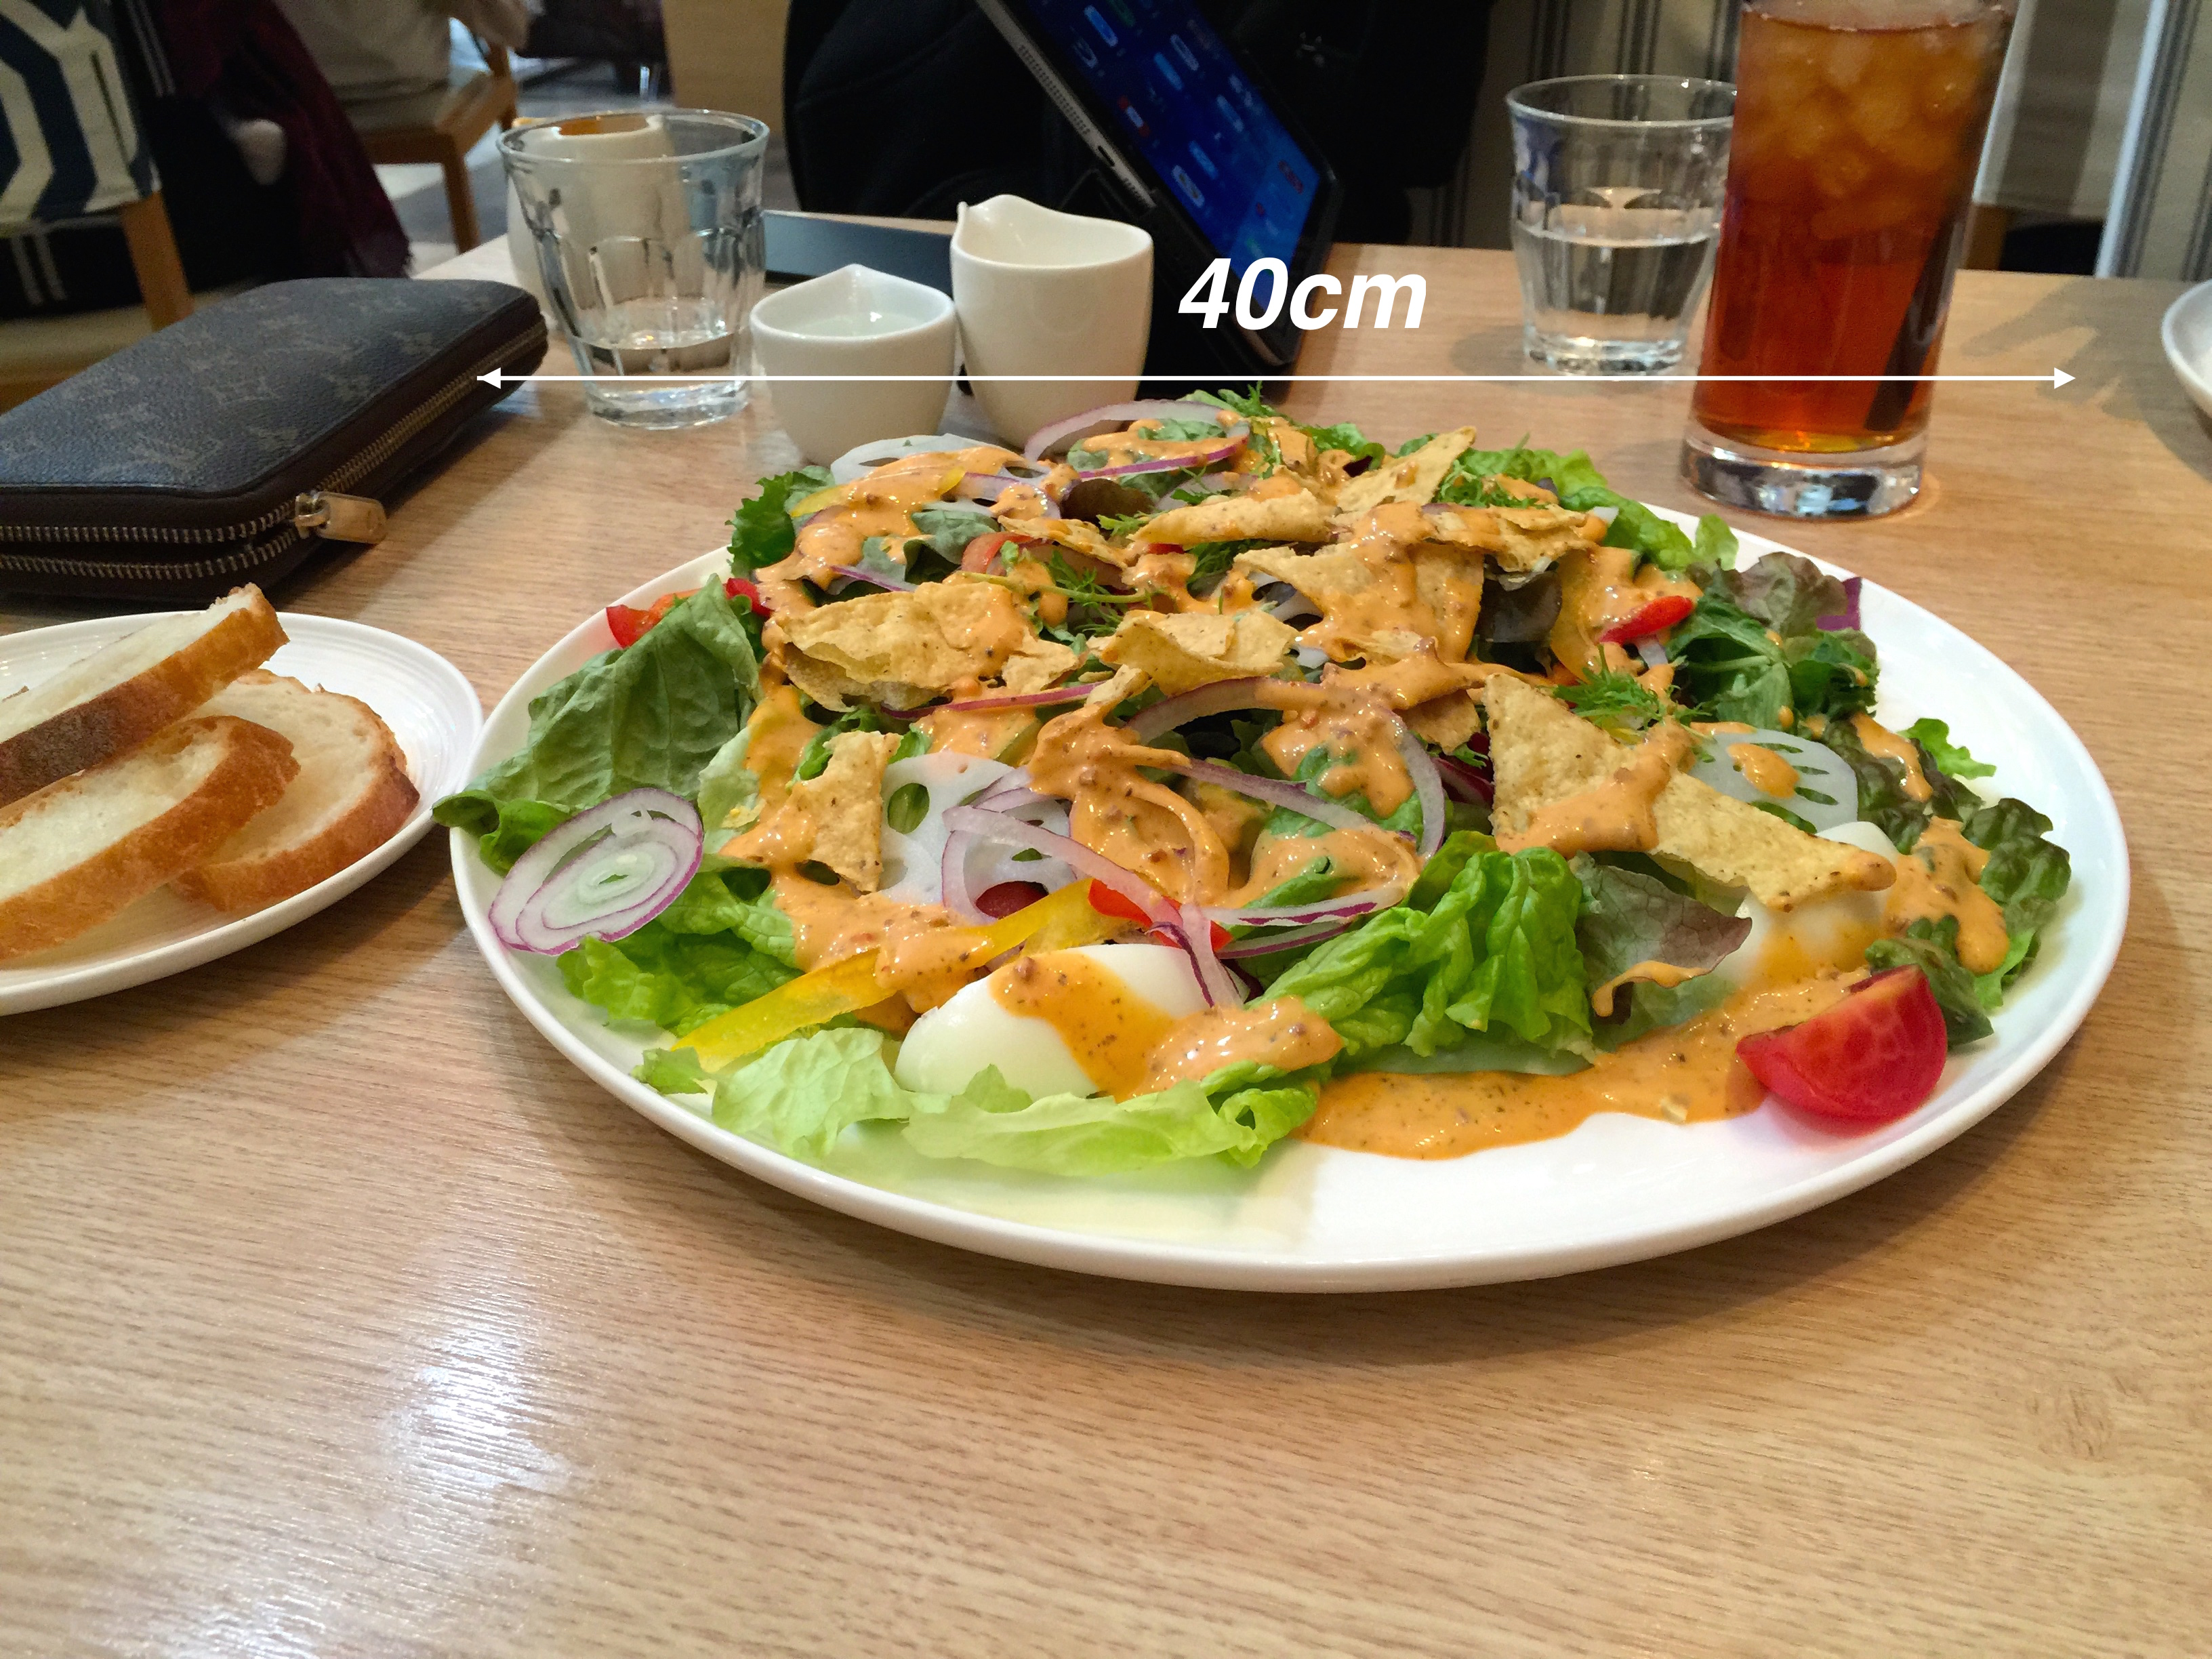 ロブロス恵比寿店のチョップサラダが痩せる。